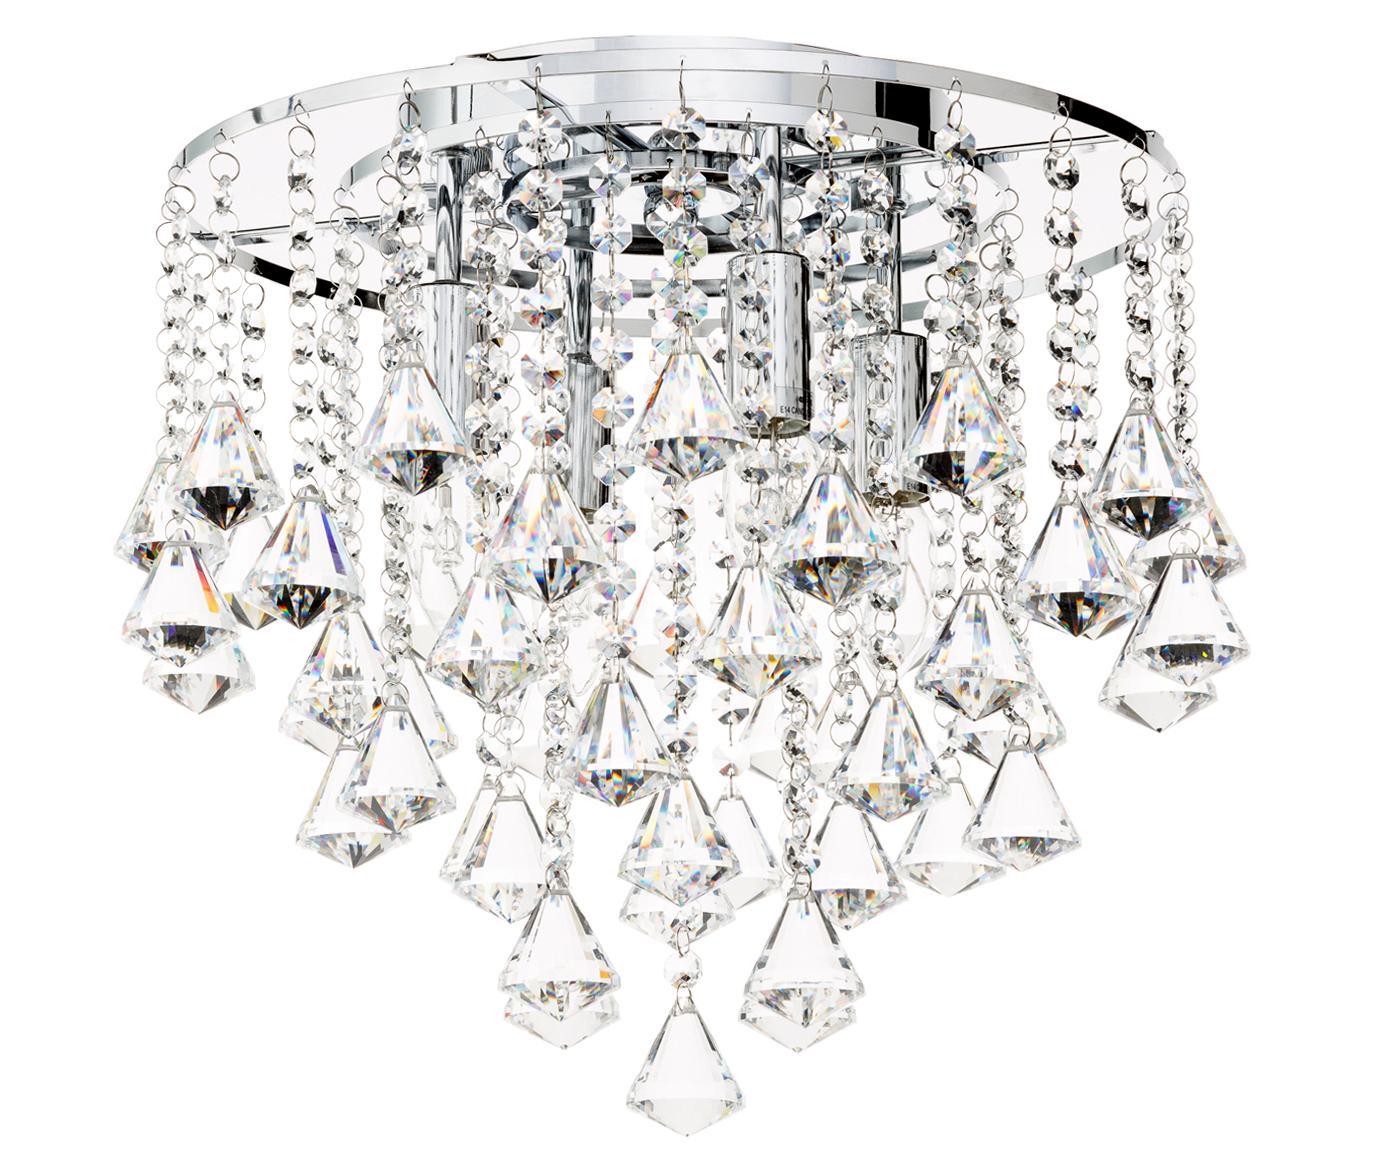 Plafón con crsitales Dorchester, Anclaje: metal cromado, Adornos: vidrio, Transparente, cromo, Ø 50 x Al 50